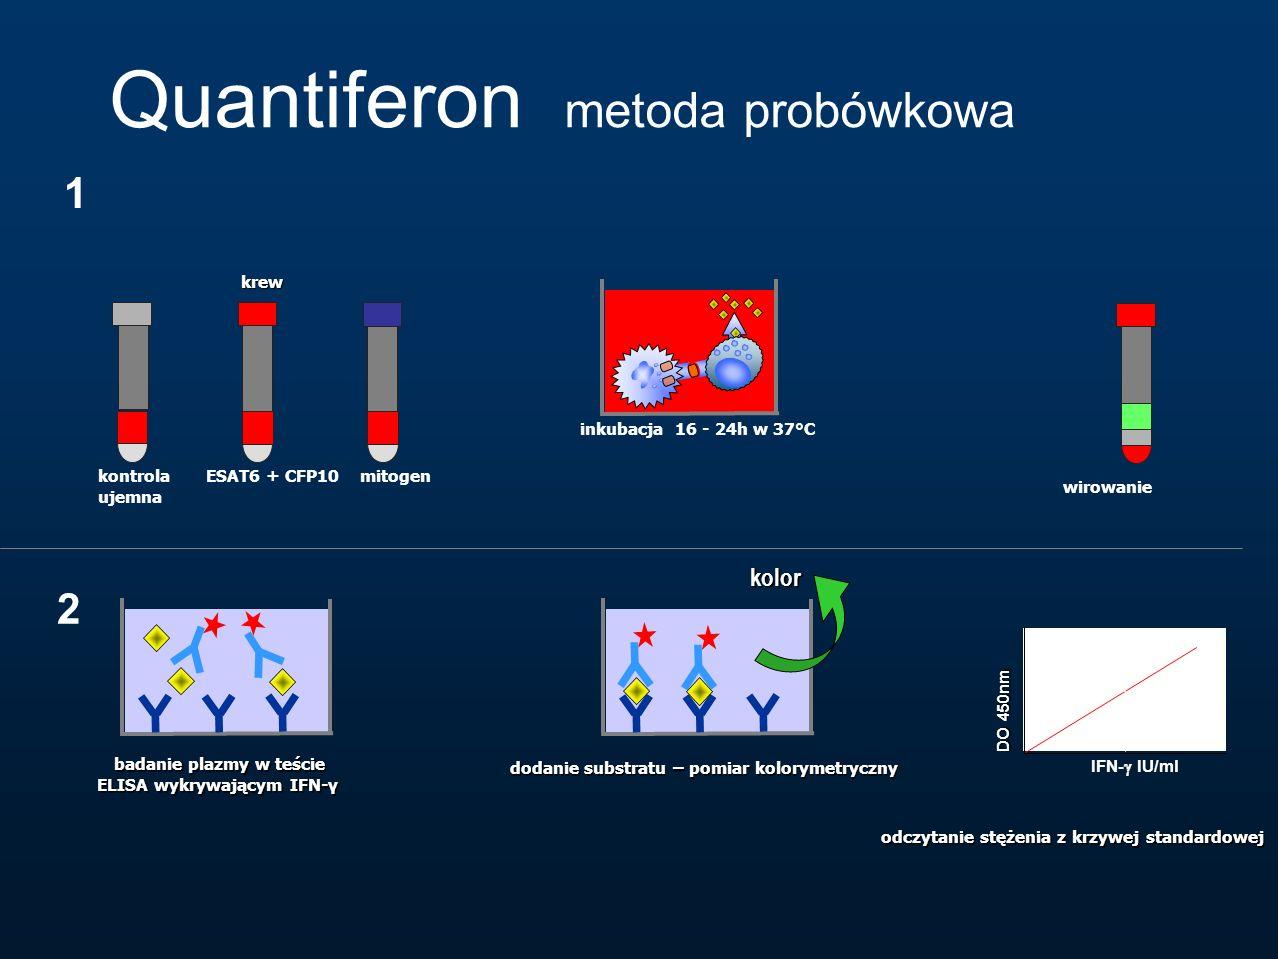 Quantiferon metoda probówkowa krew inkubacja 16 - 24h w 37°C badanie plazmy w teście ELISA wykrywającym IFN-γ badanie plazmy w teście ELISA wykrywając